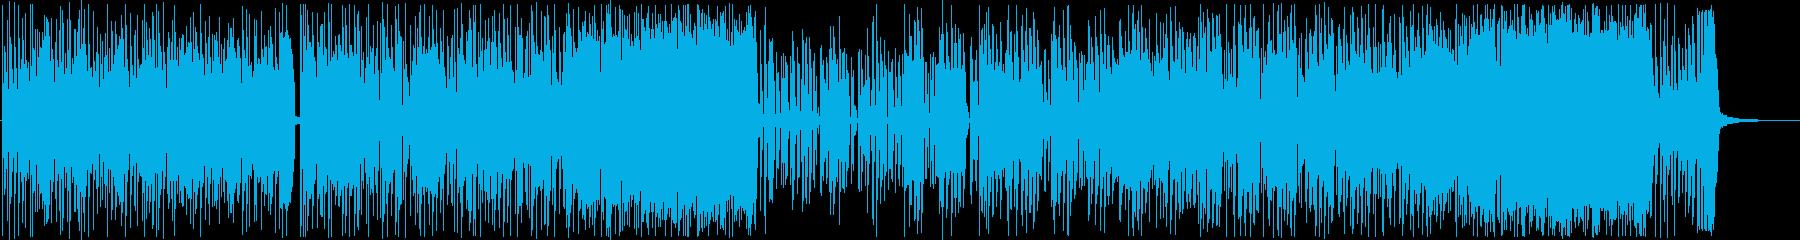 ハイテンポギターカッティング、FUNK調の再生済みの波形